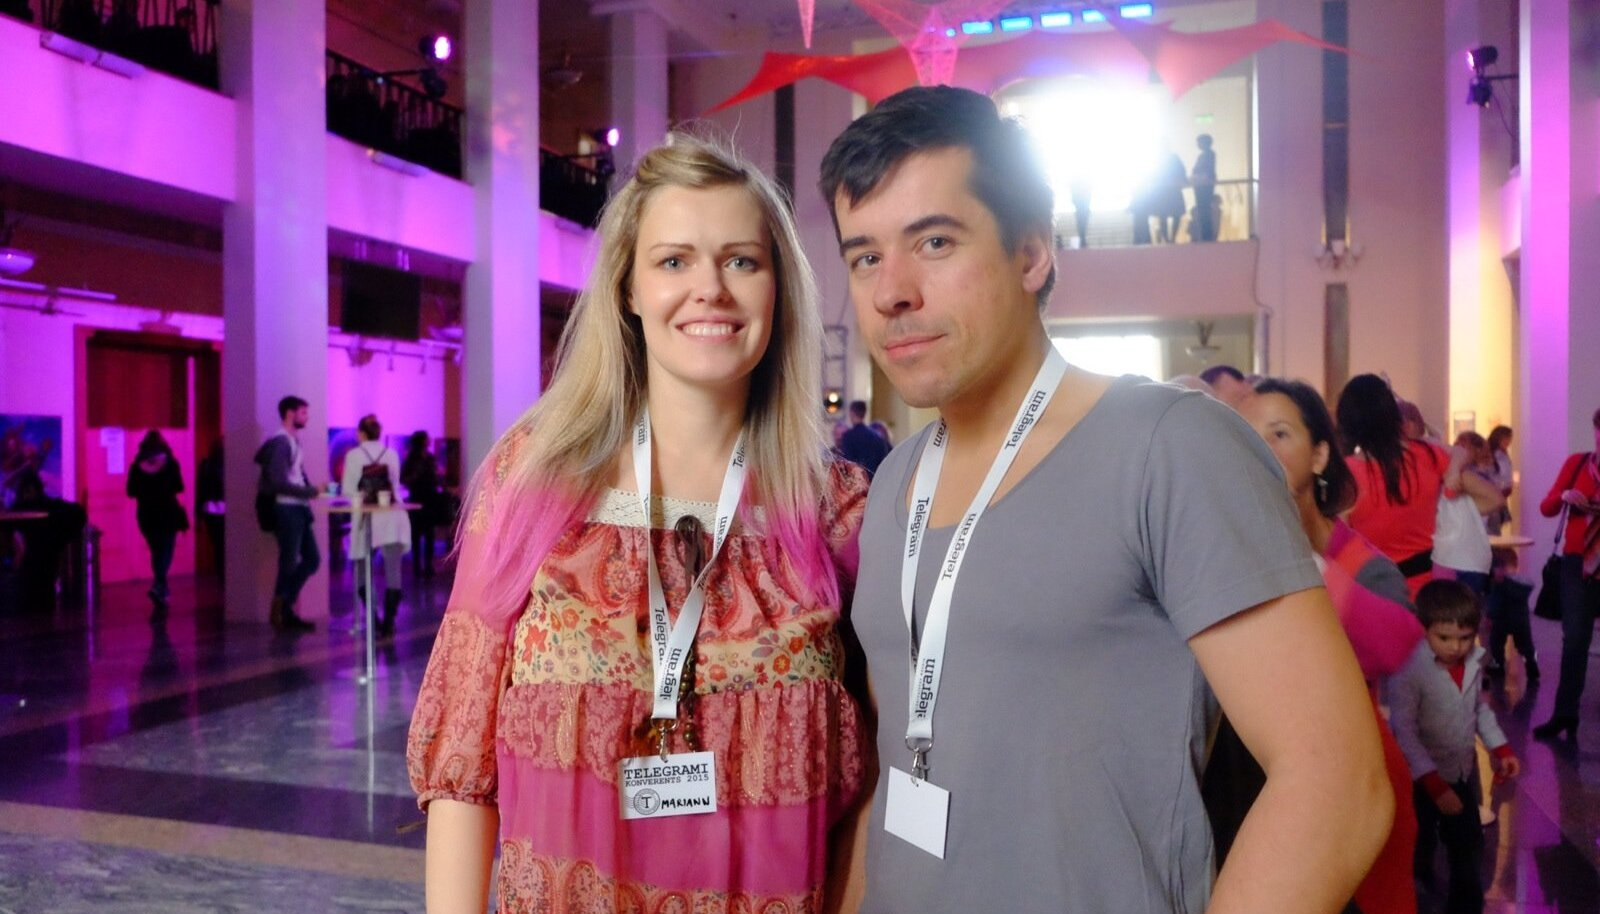 Telegrami konverents Salme kultuurikeskuses, Mariann Joonas ja Hando Tõnumaa